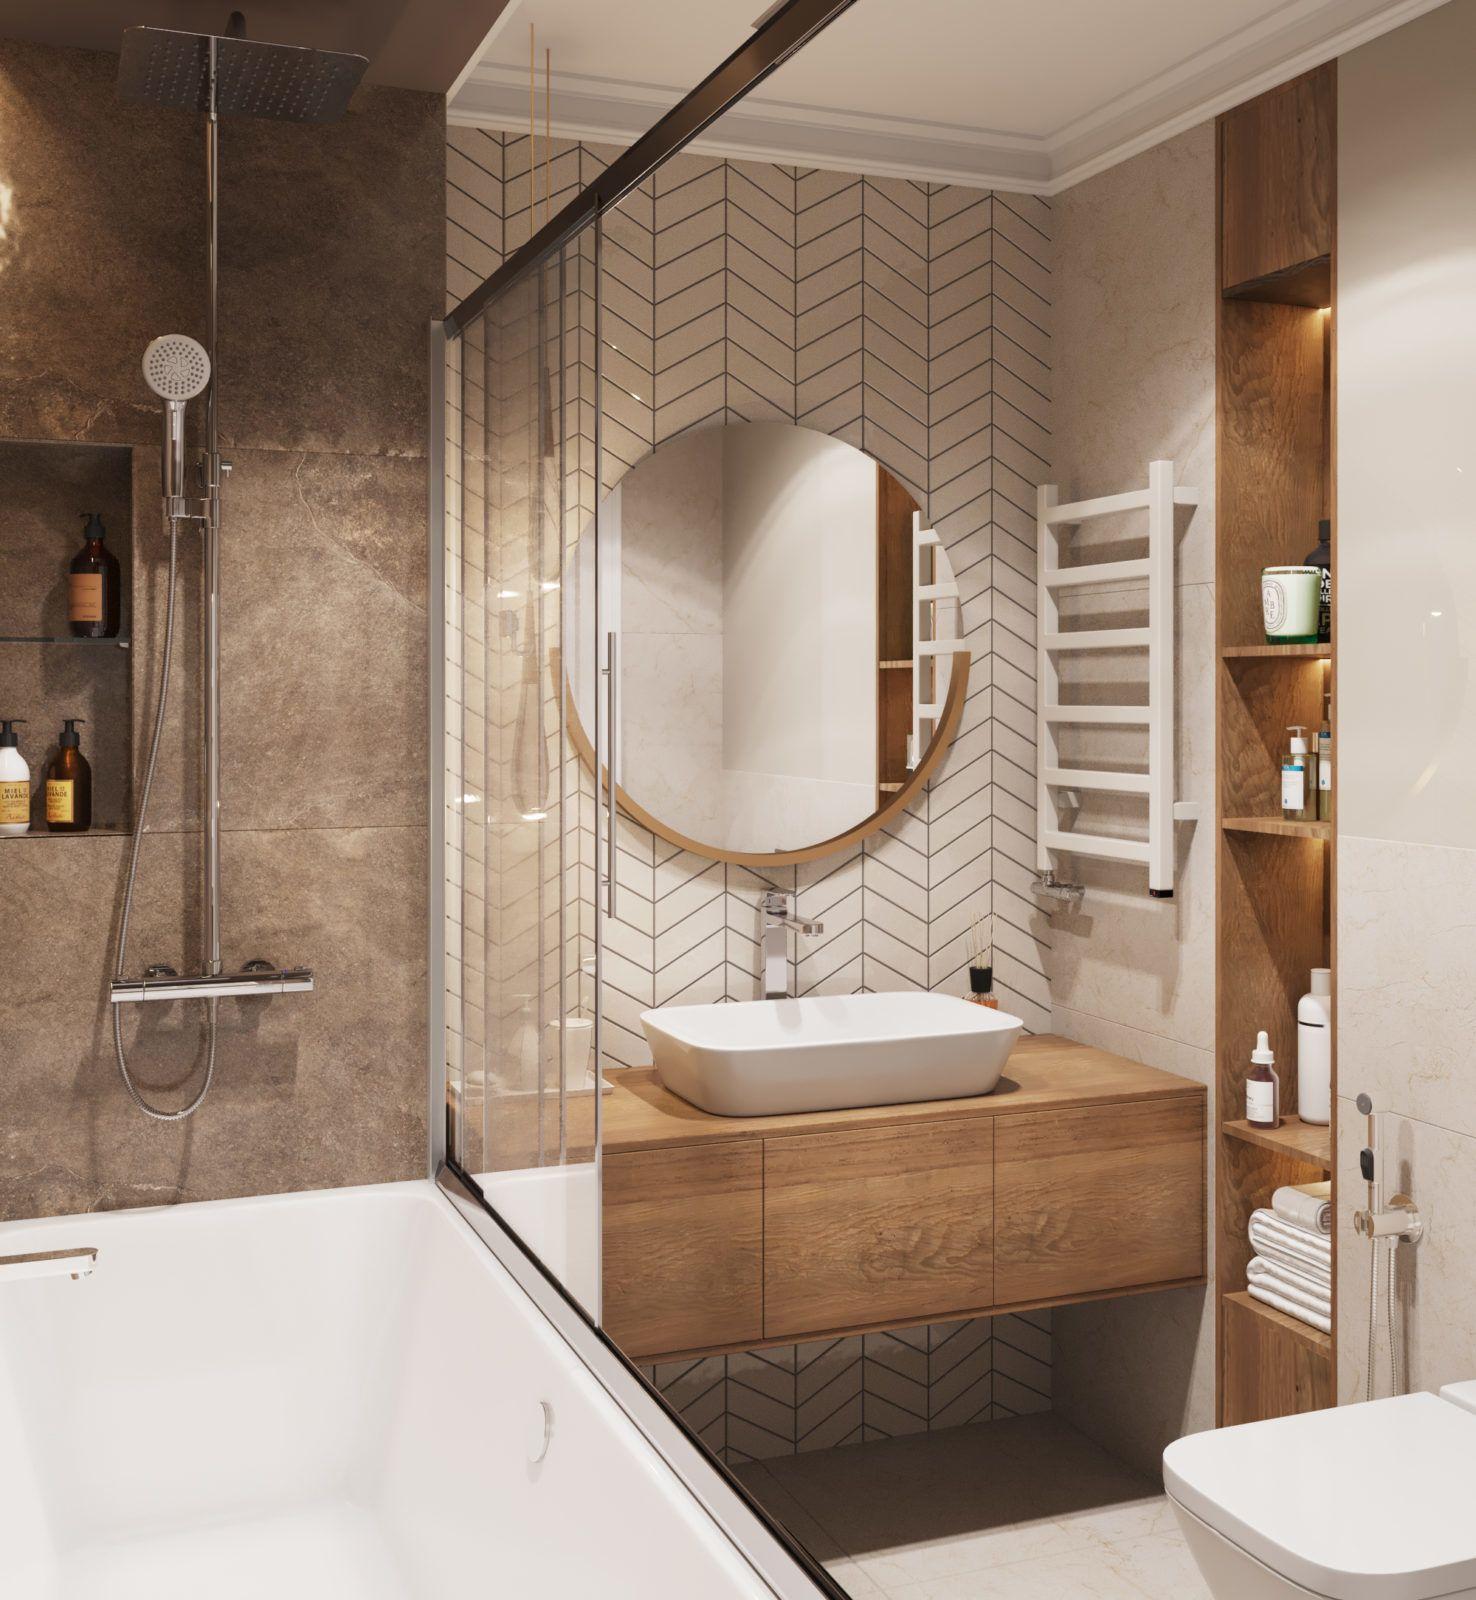 Дизайн трехкомнатной квартиры в ЖК Легенда Комендантского - Mudryakova.ru